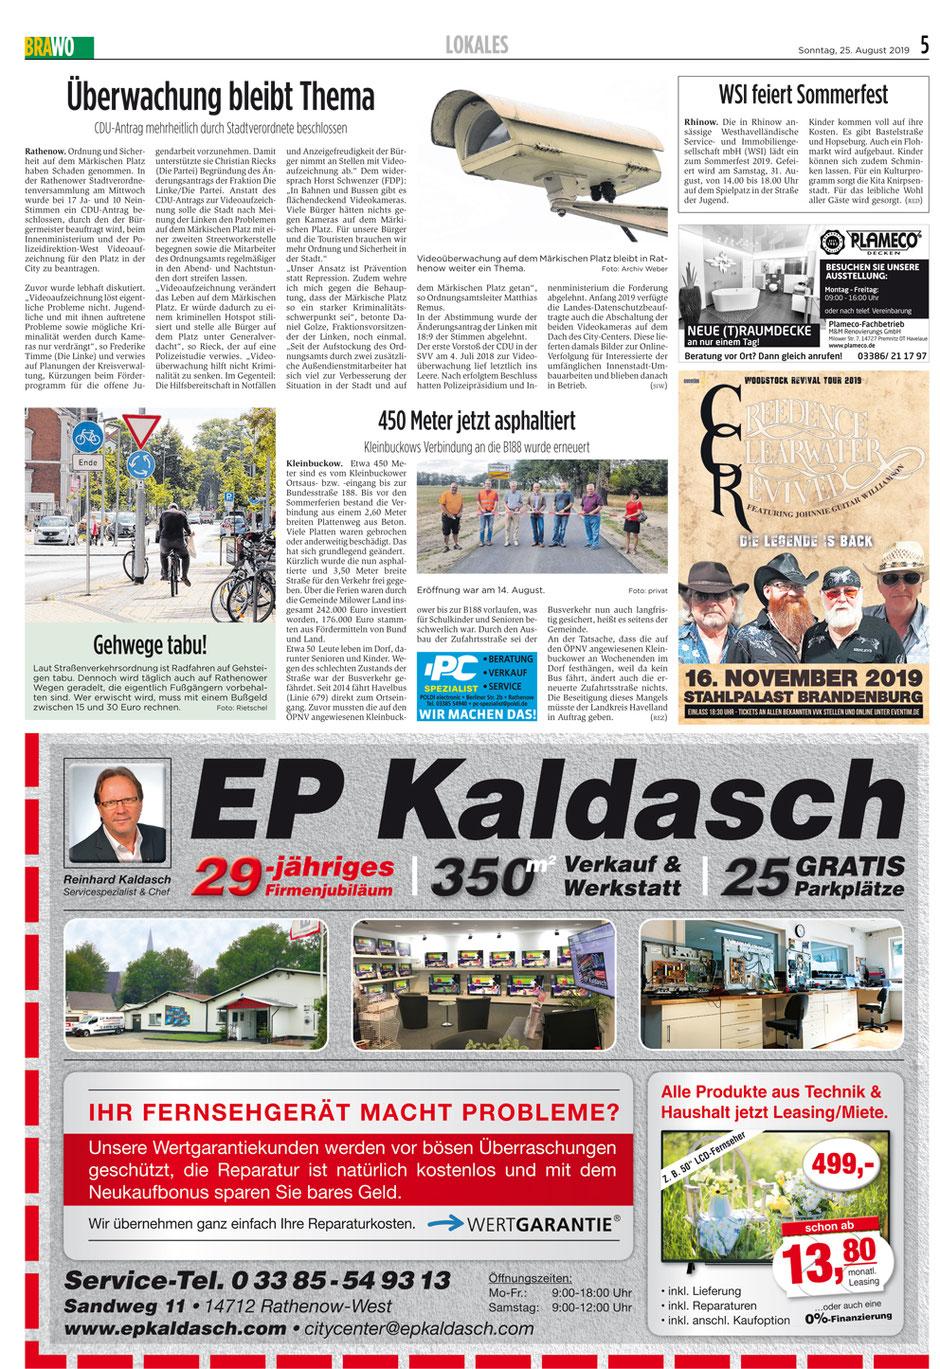 """Anzeige in der Zeitung """"Brawo"""" mit EP Kaldasch zum 29-jährigen Firmenjubiläum, z.B. 50 Zoll LCD-Fernseher ab 13,80 Euro Leasing."""